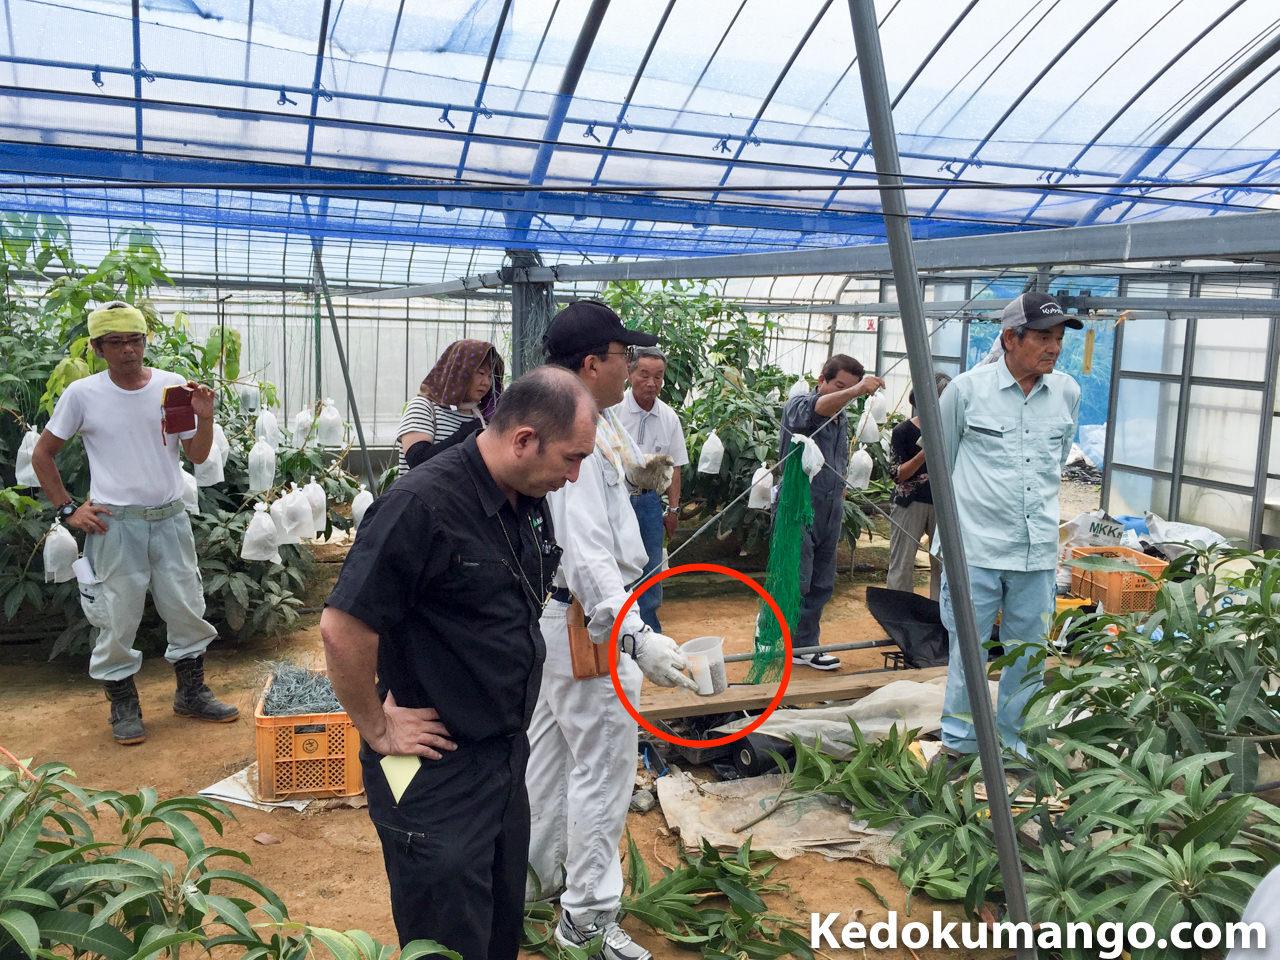 施肥に関する指導の様子